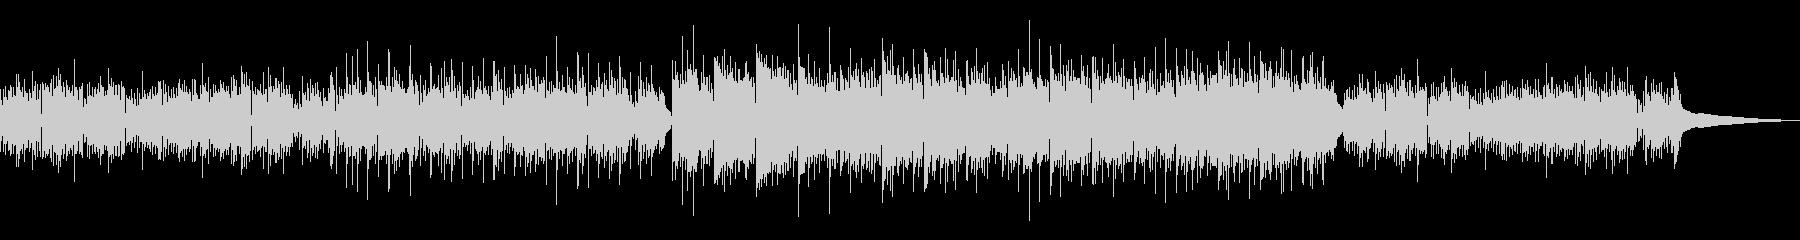 Acoustic Memories's unreproduced waveform